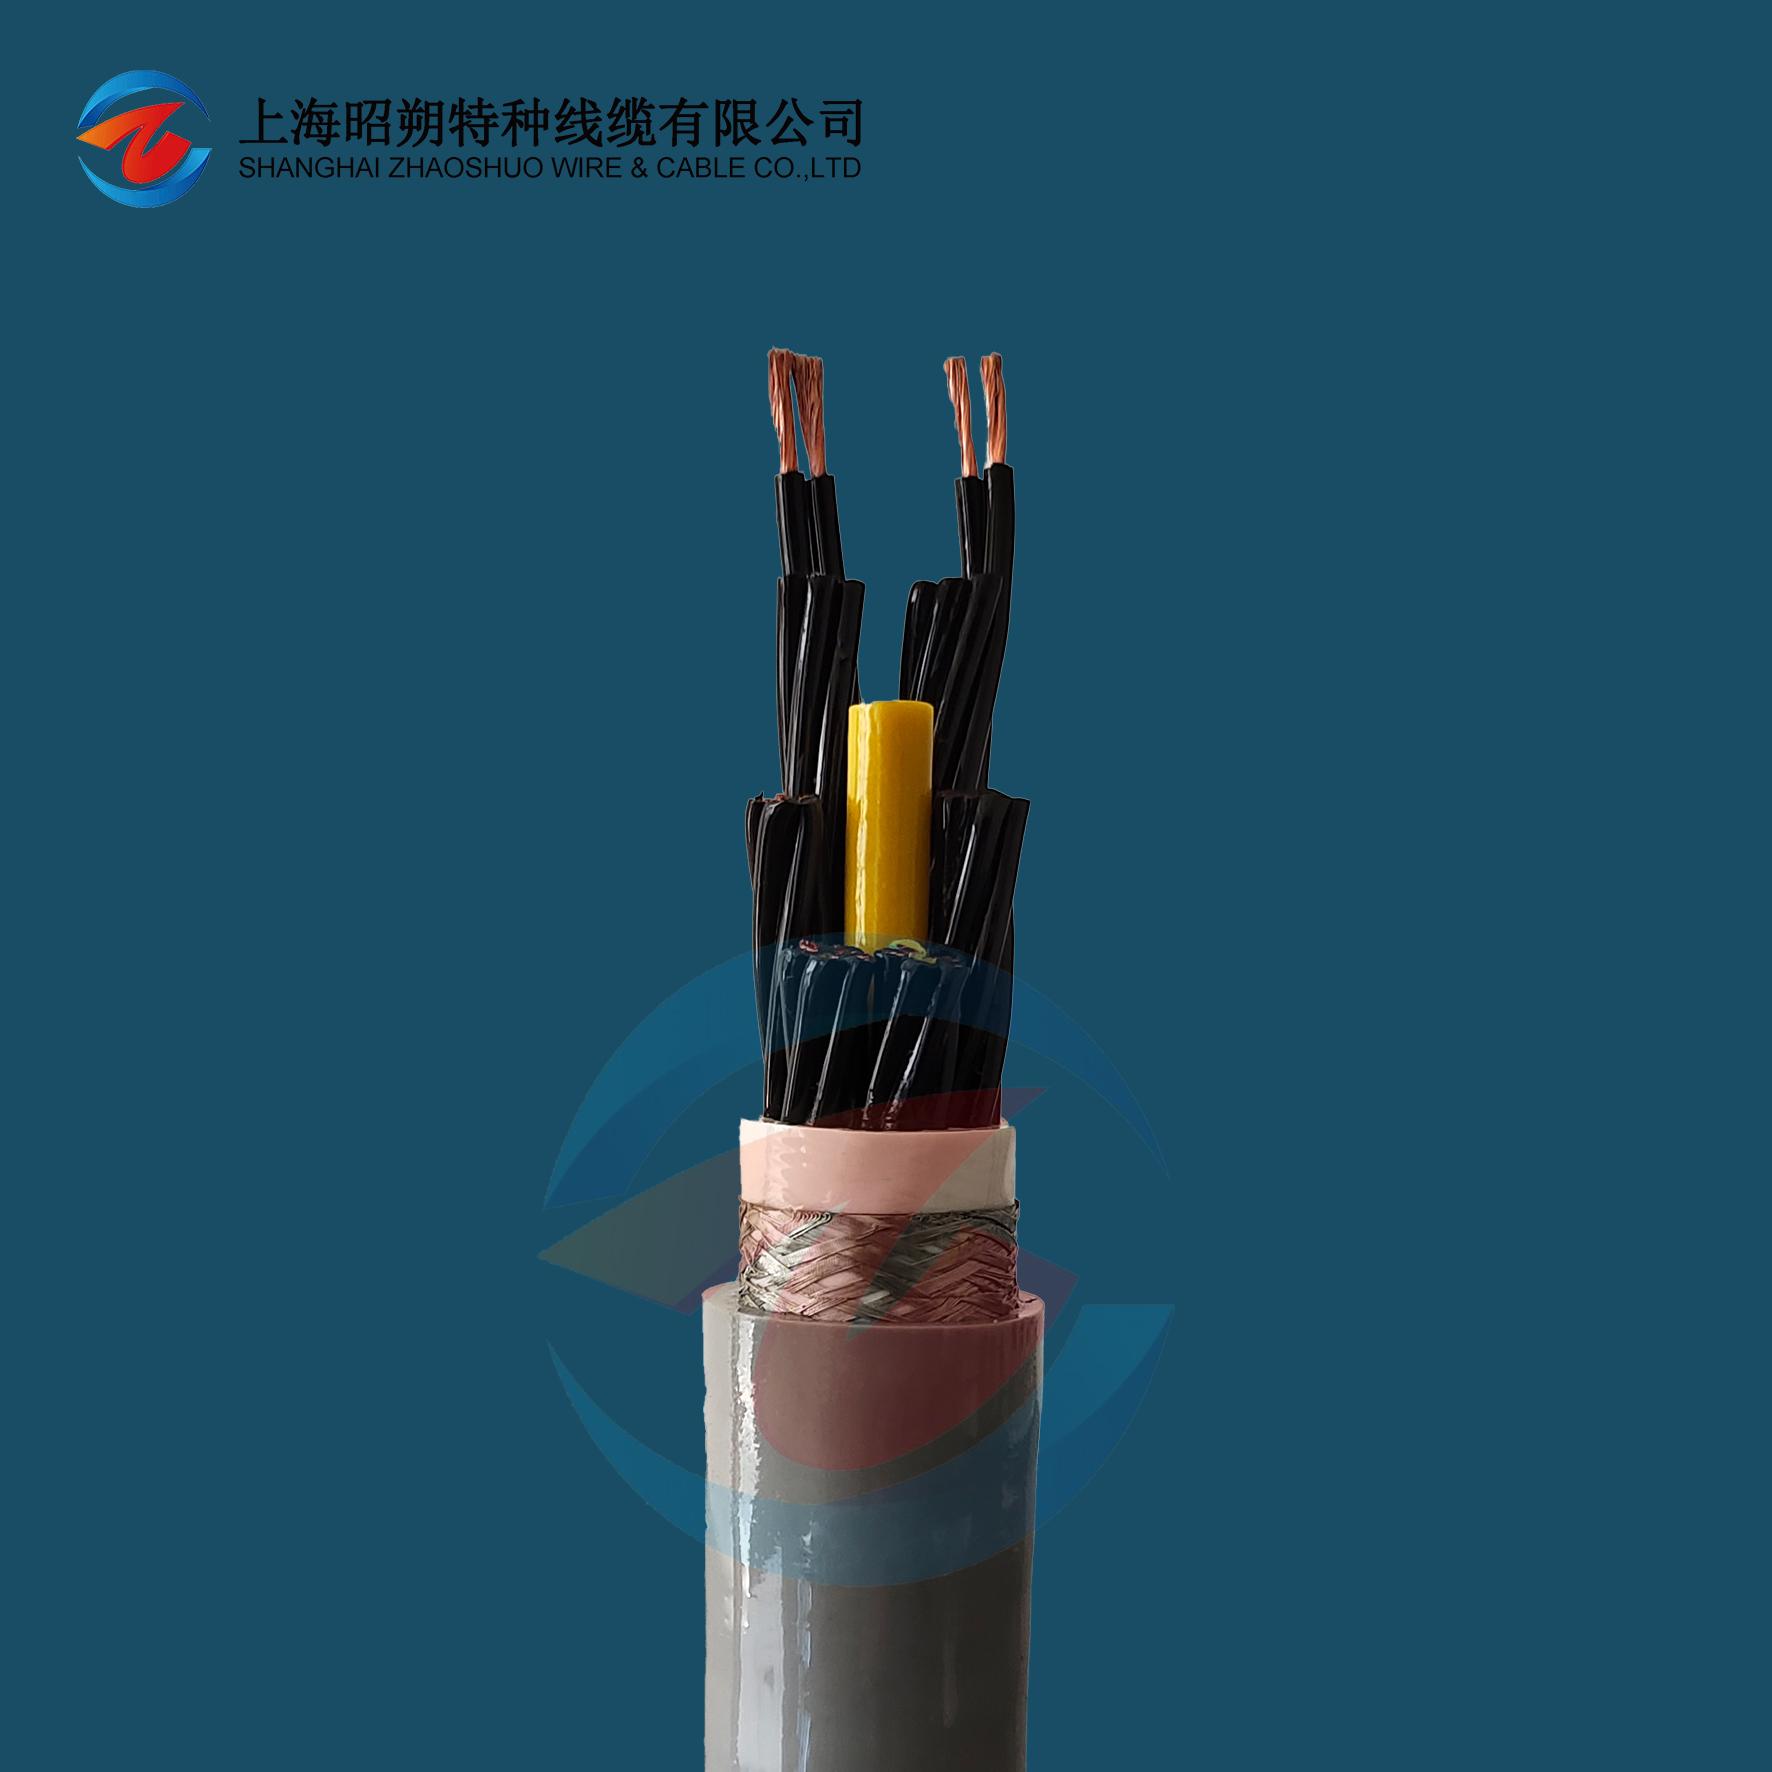 中速移动安装专用拖链电缆